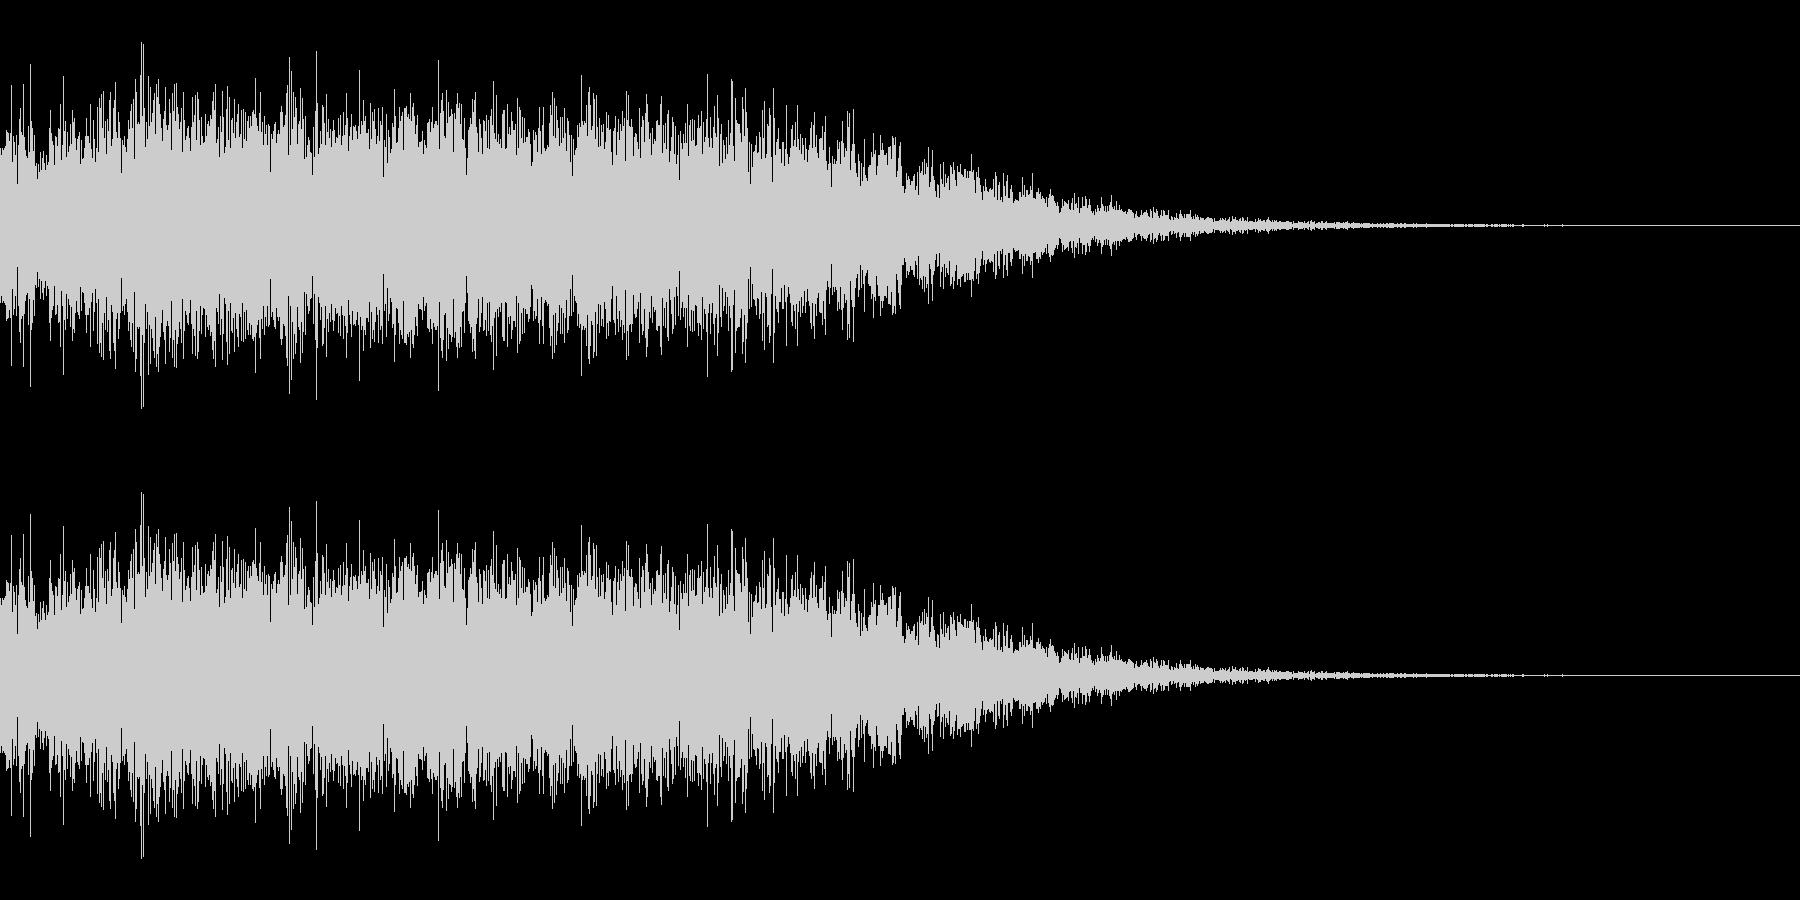 電気系ビームを撃つ音(SF/宇宙/光線)の未再生の波形